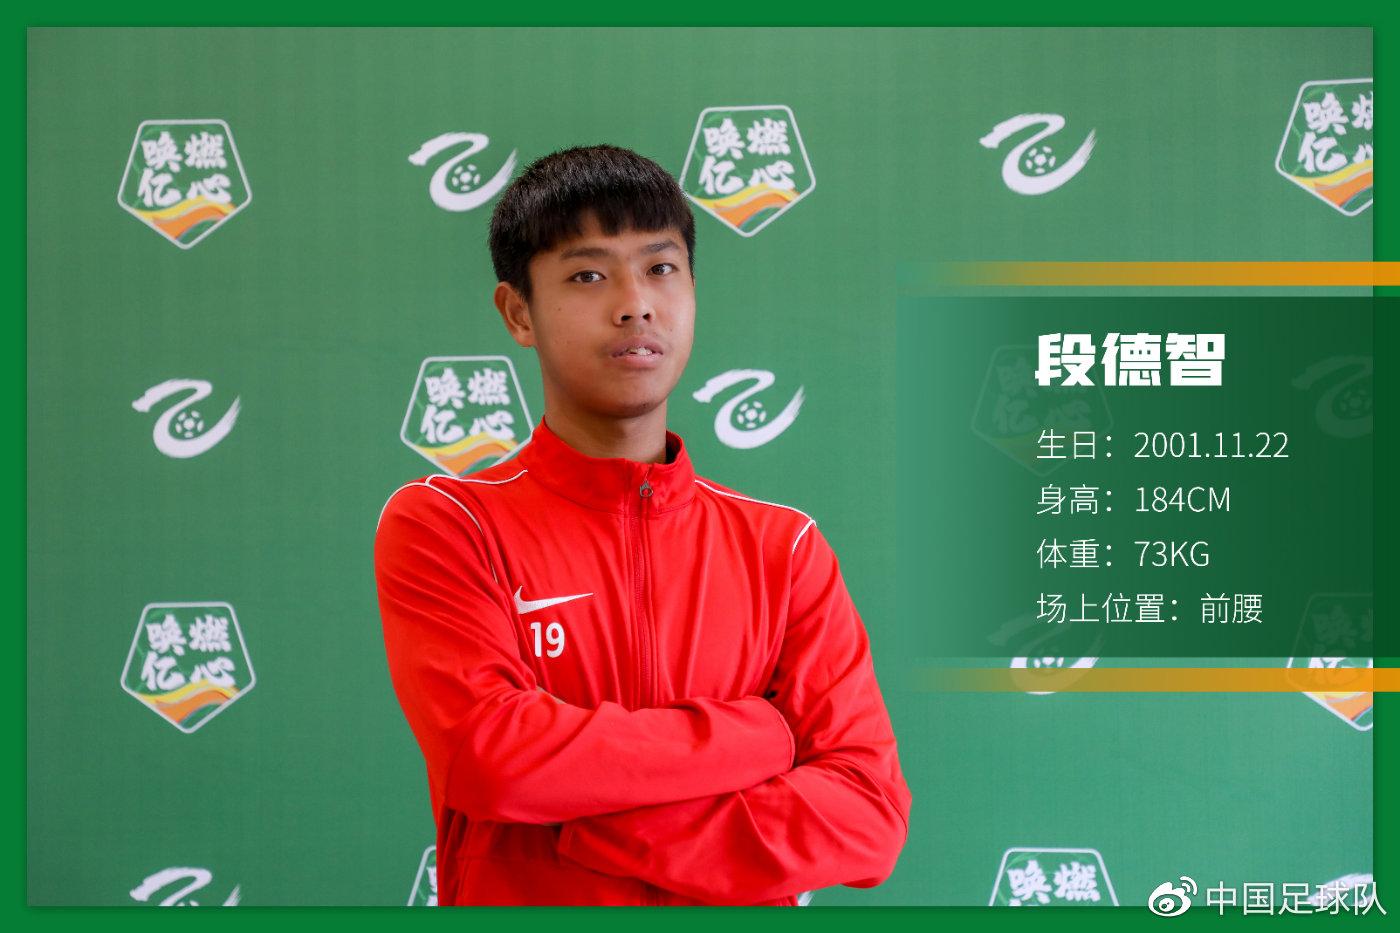 圖片來源:中國足球隊官微